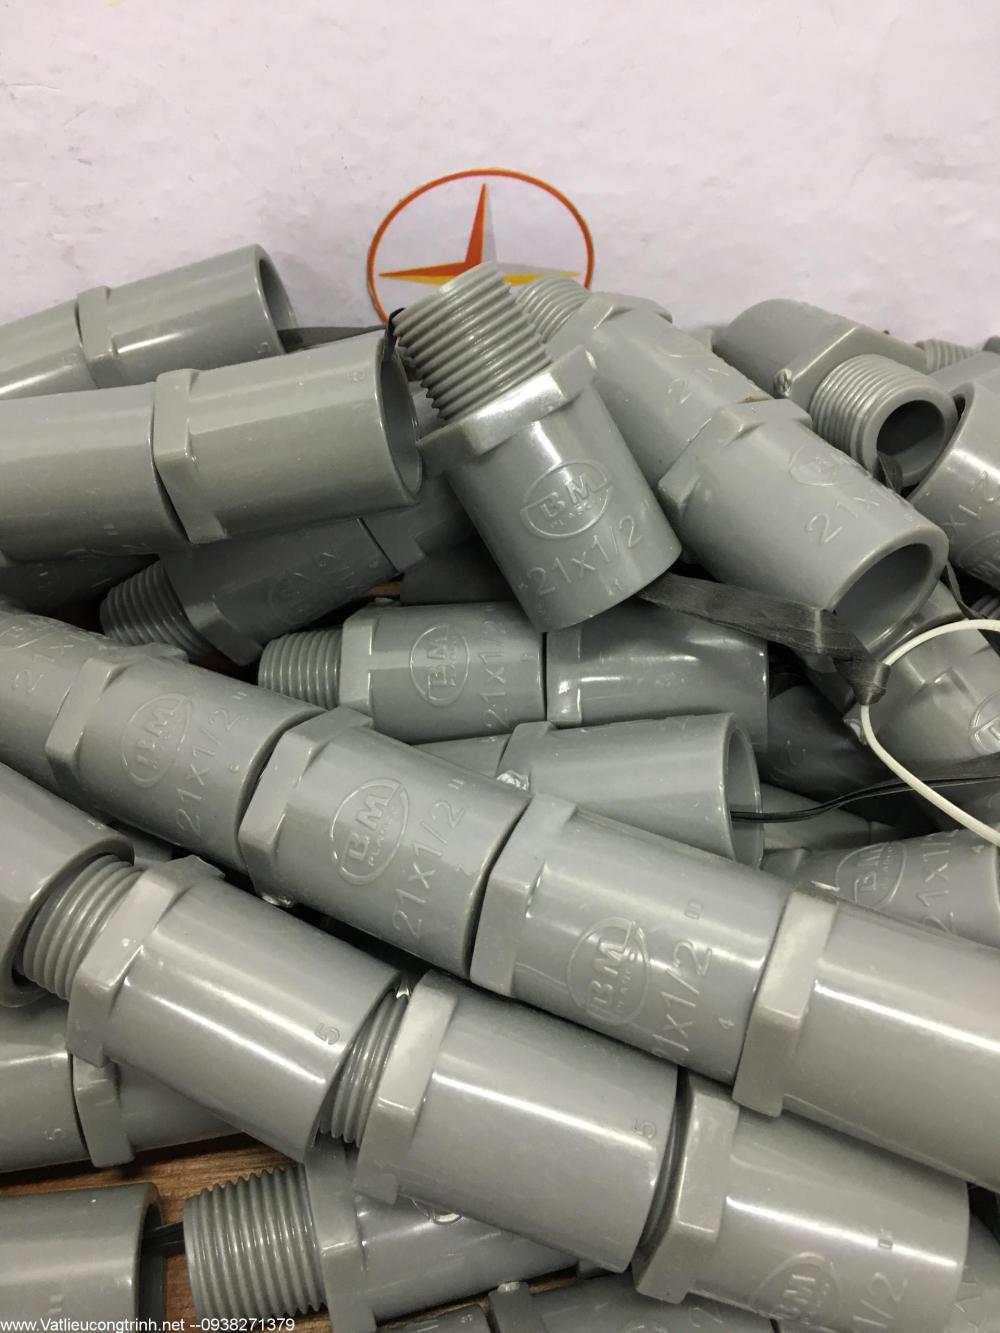 NOI REN NGOAI 21 NHUA PVC BINH MINH (2)